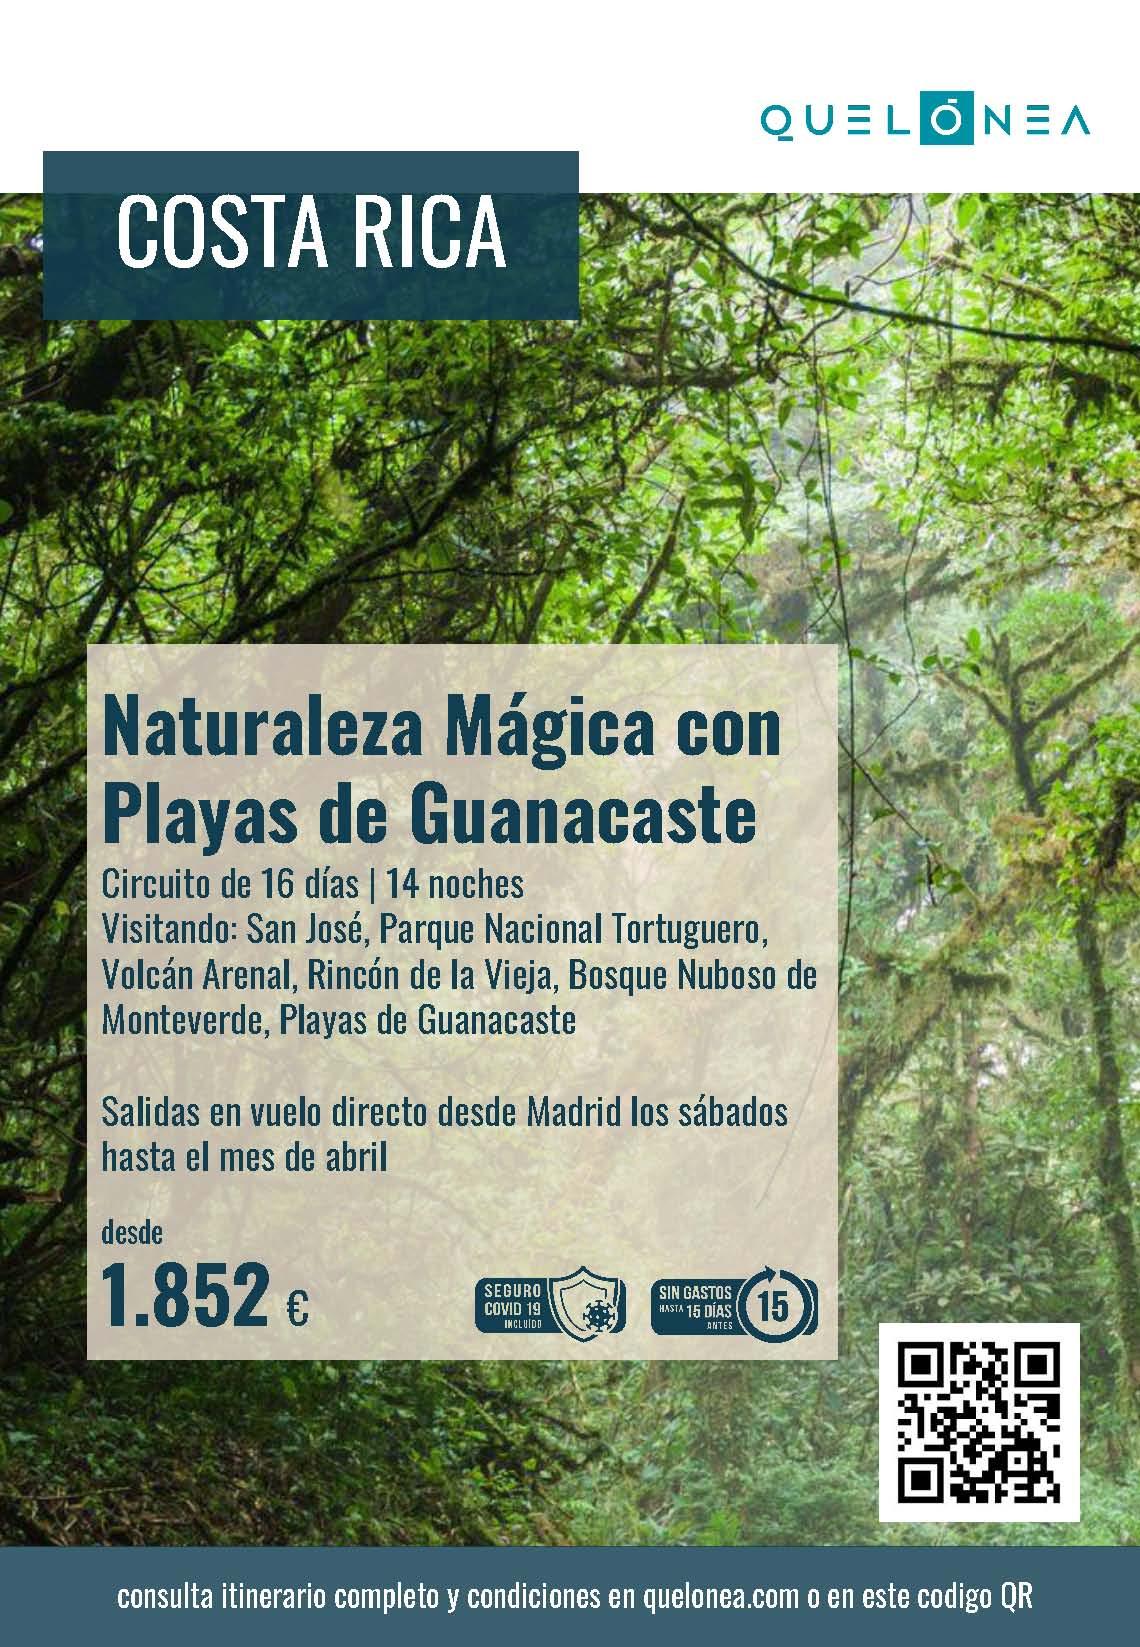 Ofertas Quelonea Costa Rica Naturaleza Magica con Playas de Guanacaste 2021-2022 vuelo directo desde Madrid